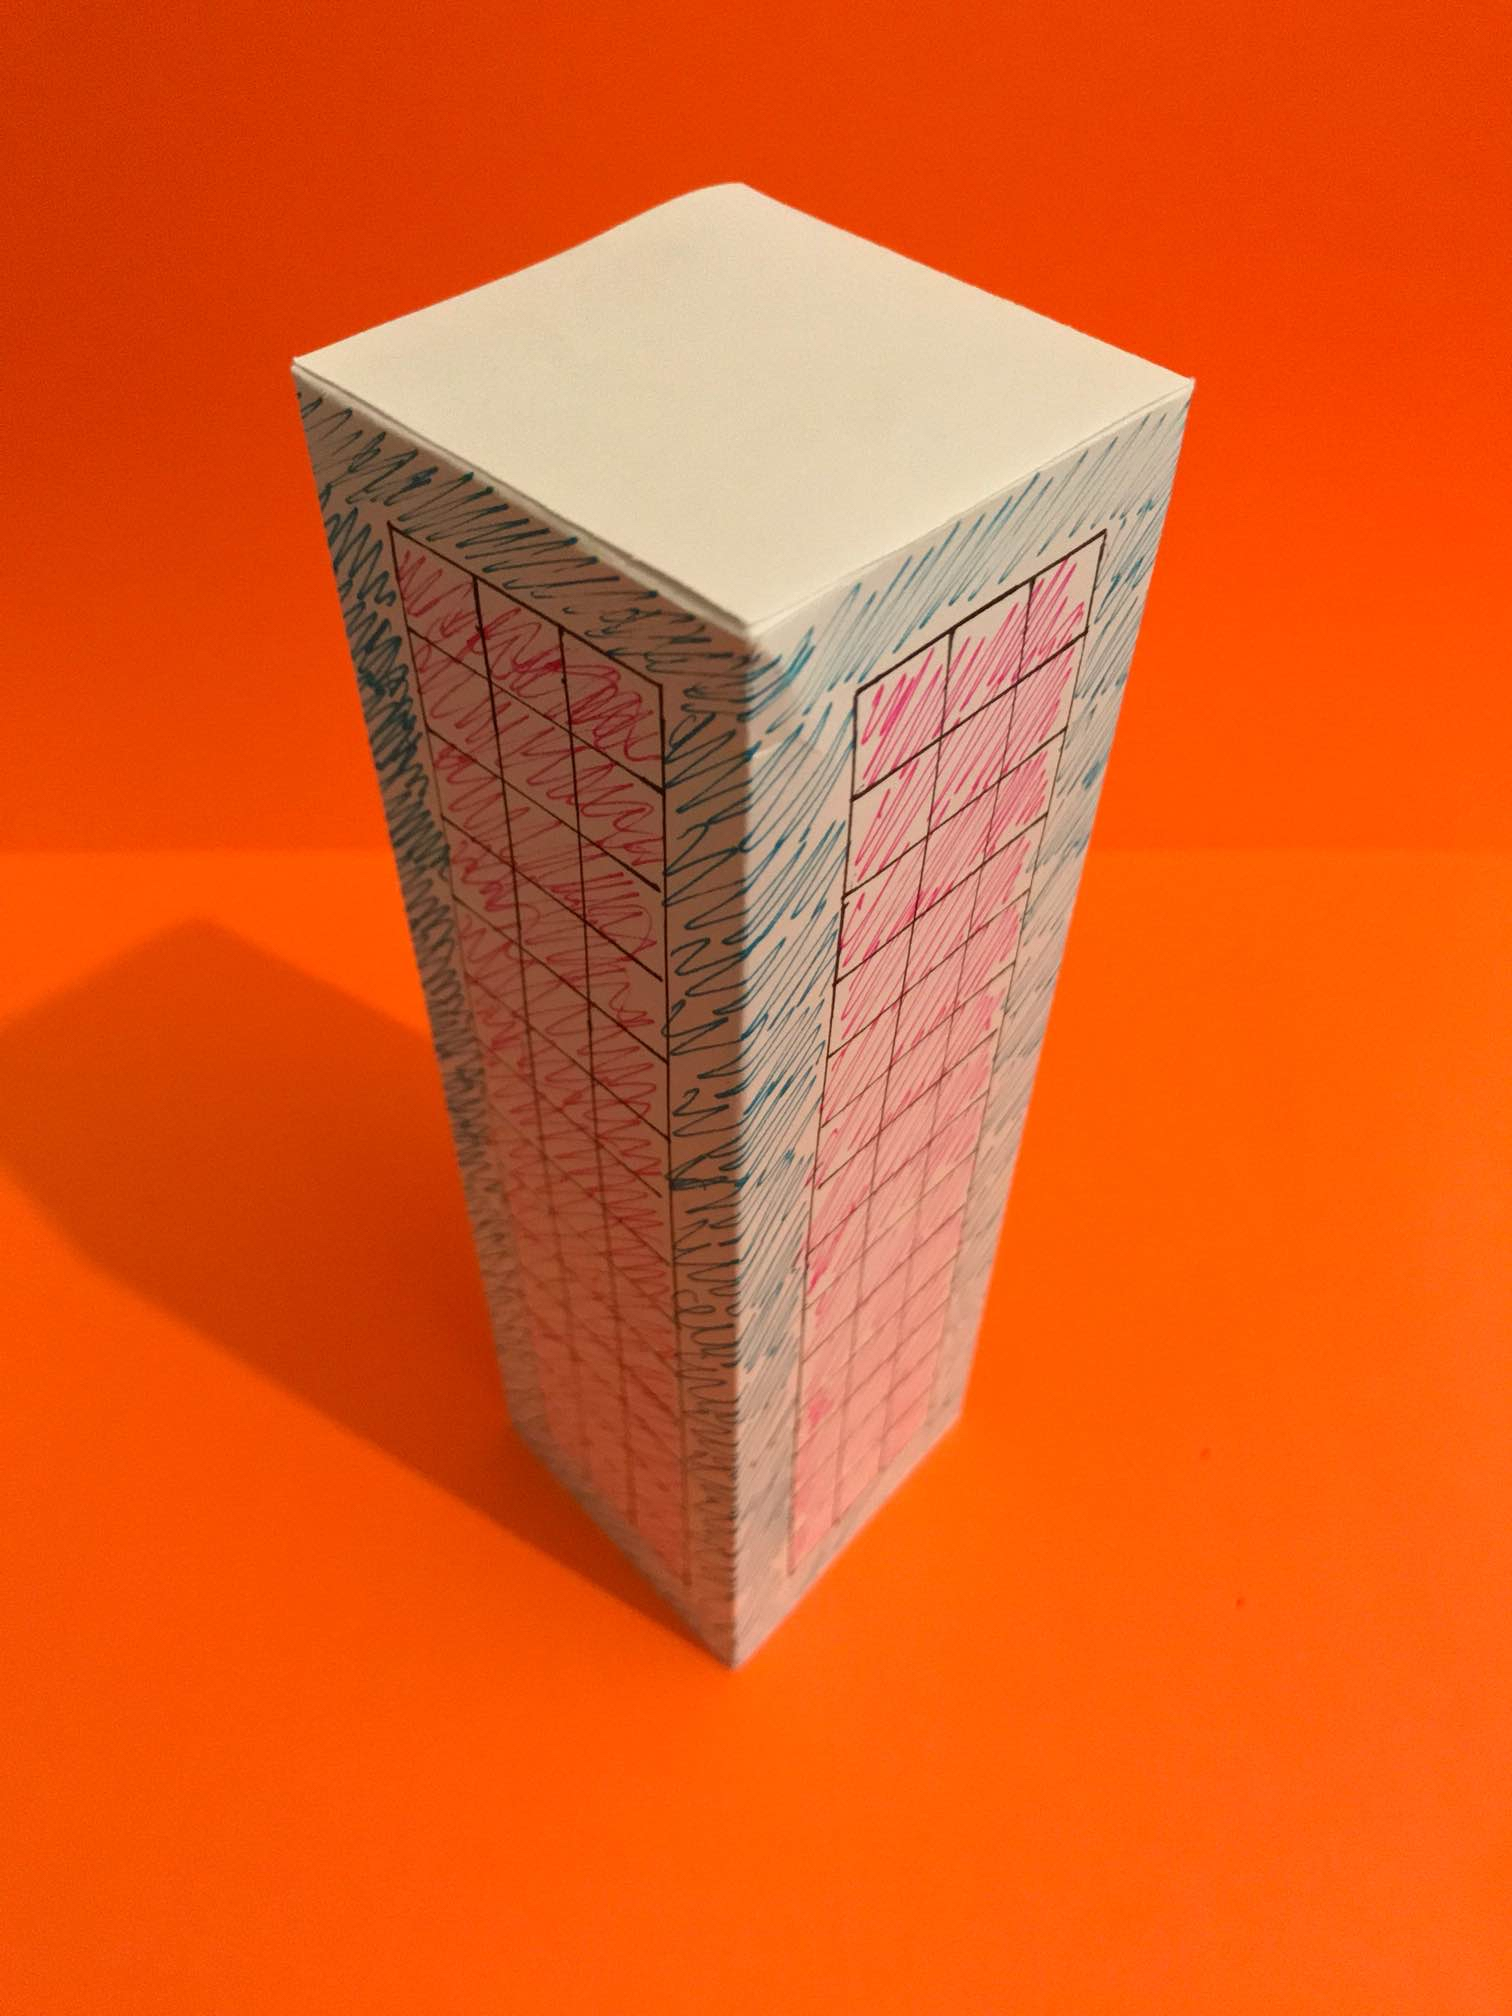 Make a Paper Skyscraper!